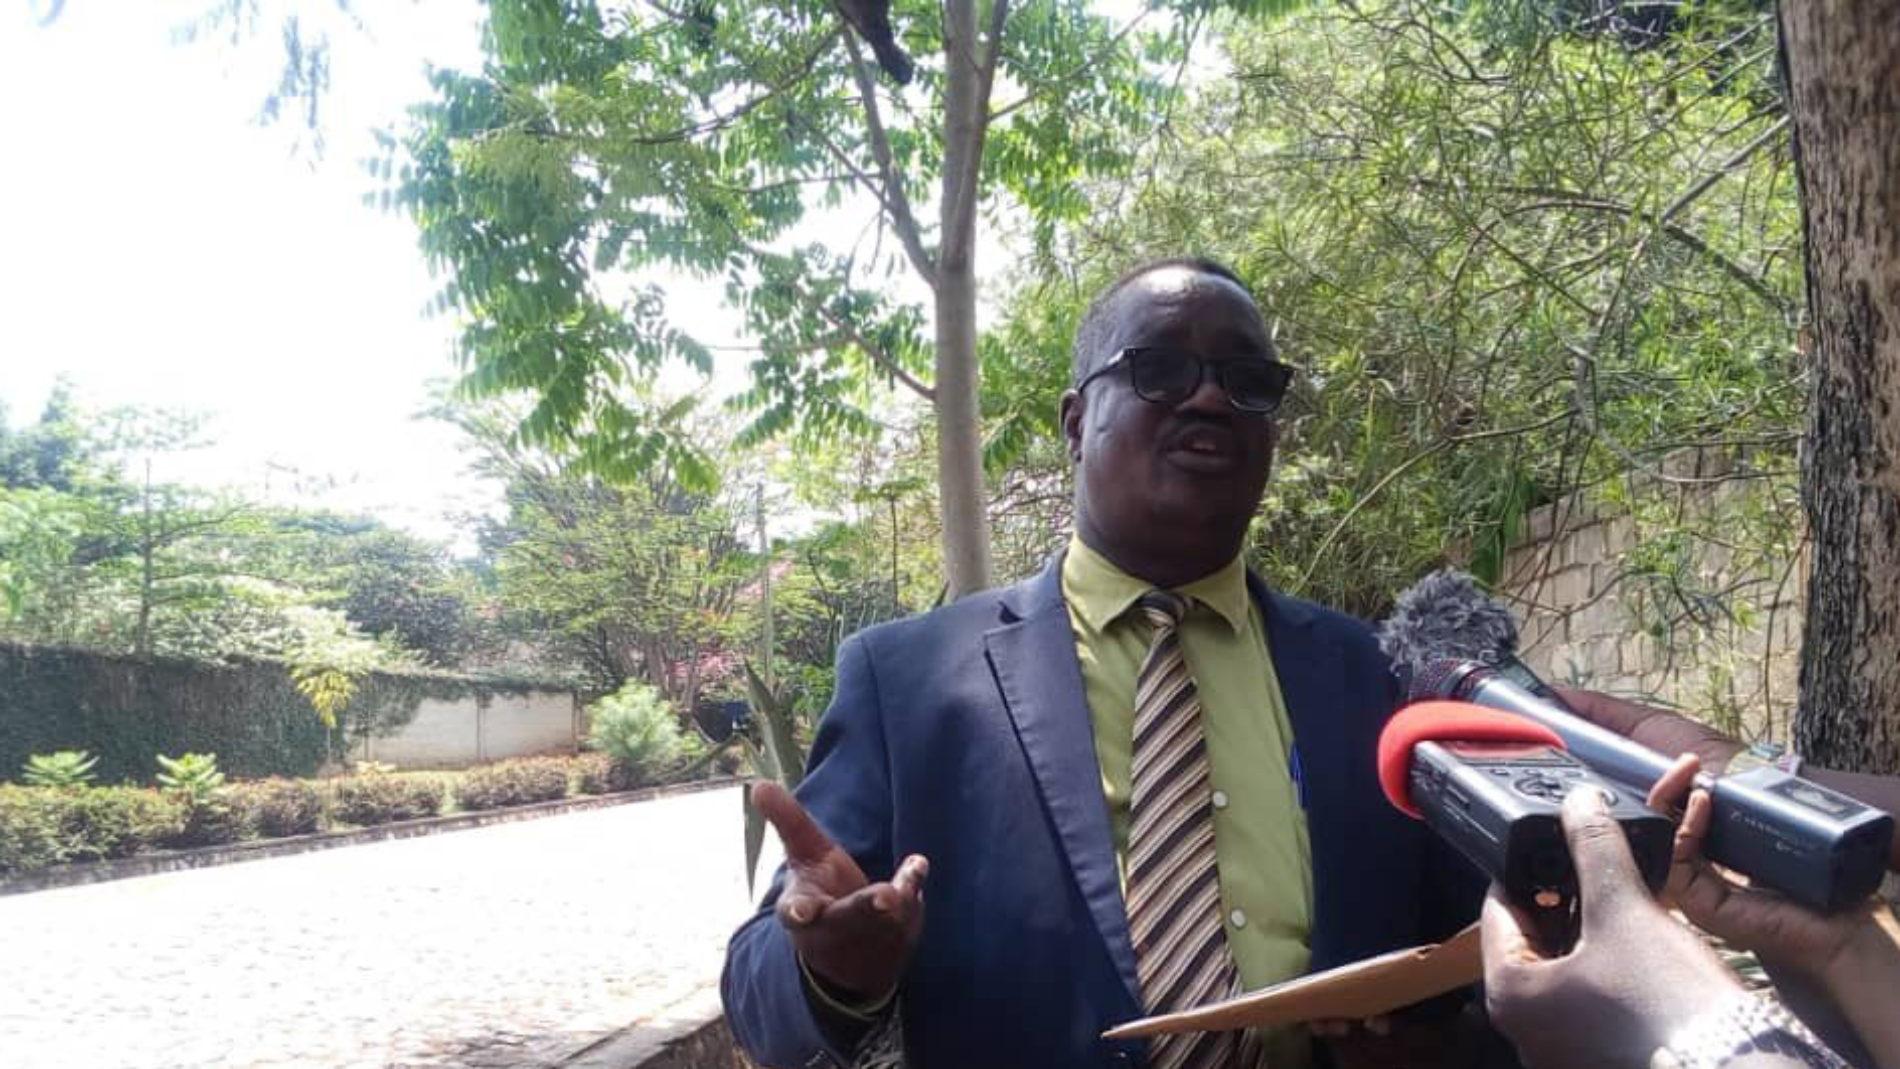 Un député alerte sur les disparitions forcées et assassinats à Bubanza